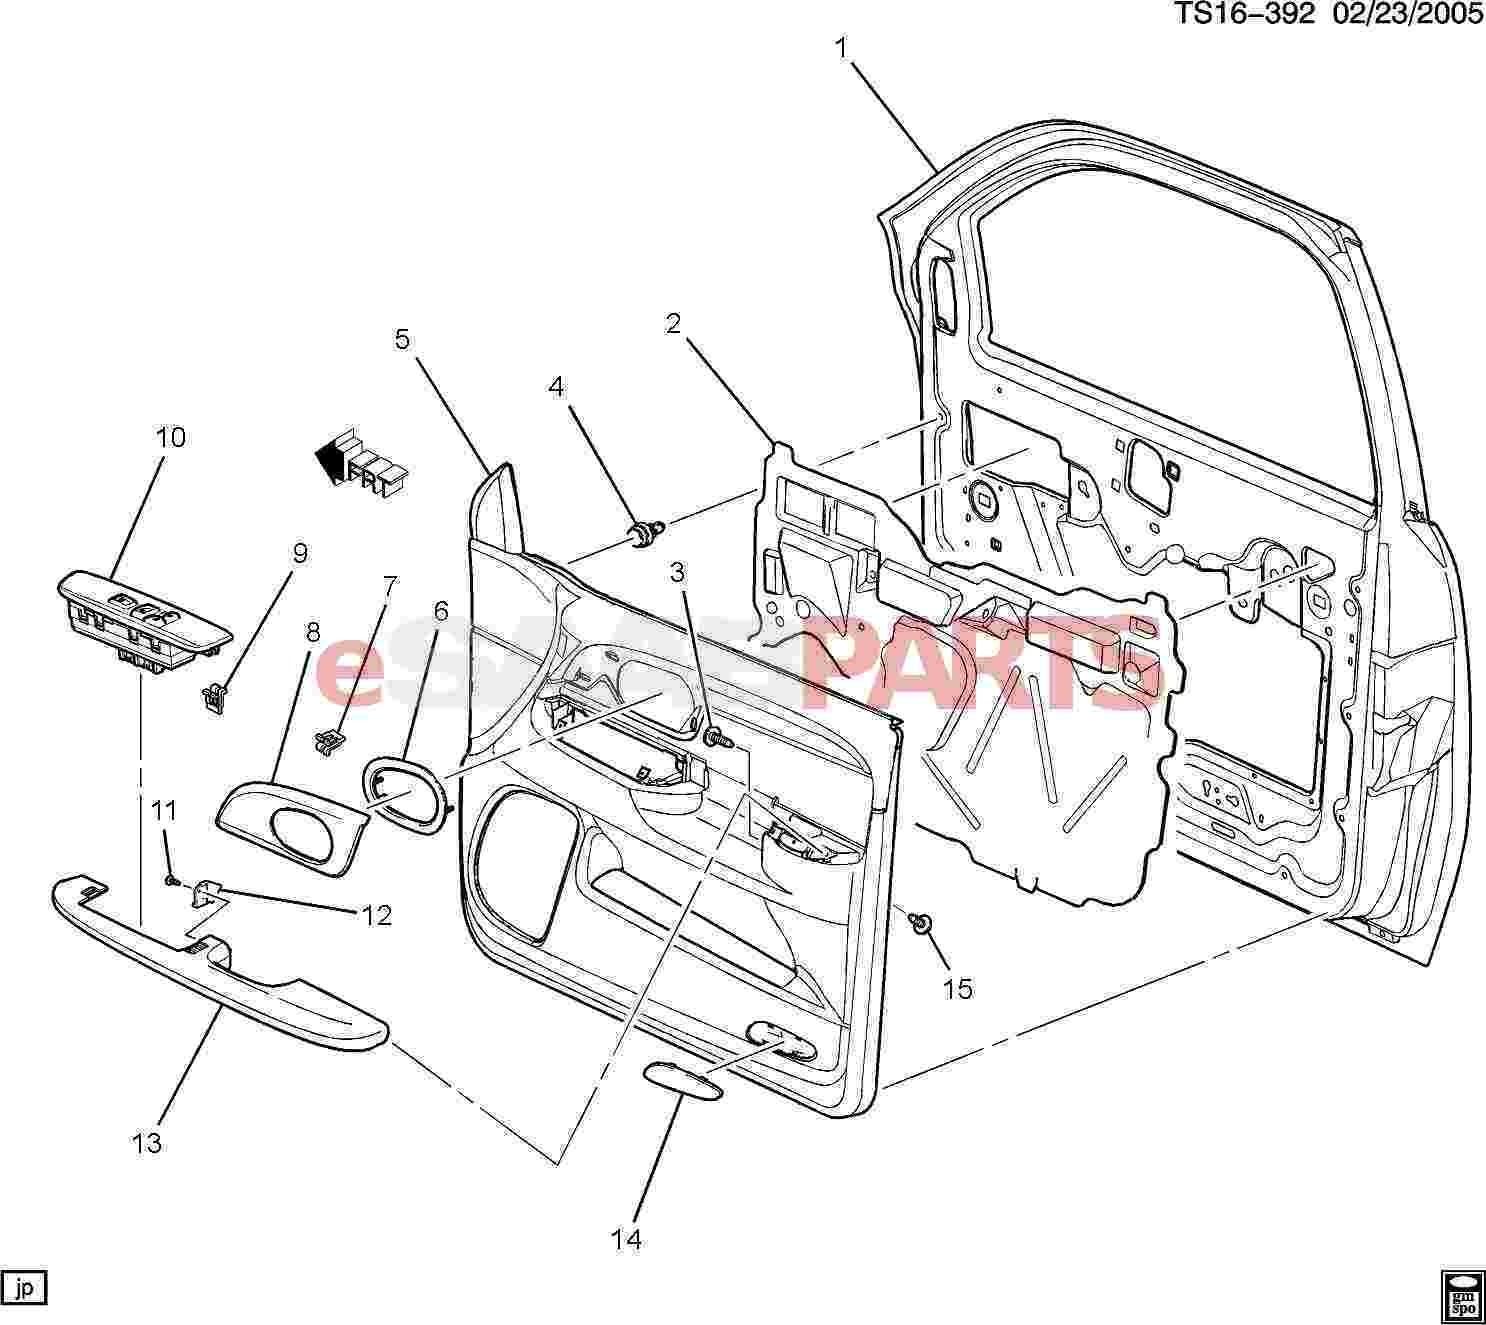 Car Exterior Body Parts Diagram Esaabparts Saab 9 7x Car Body Internal Parts Door Parts Of Car Exterior Body Parts Diagram